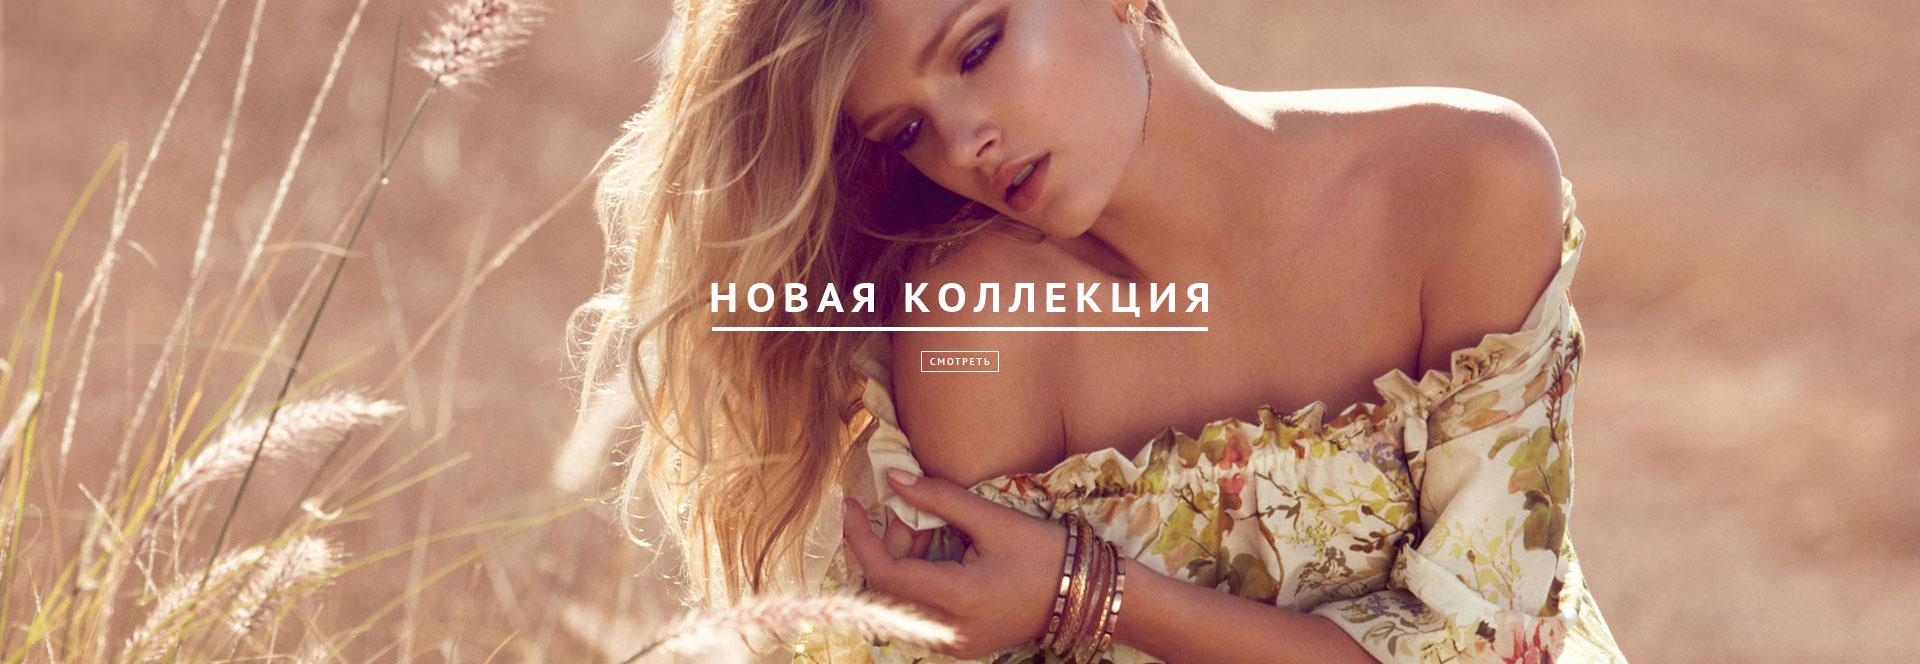 Компания ZERKALA – красивейшие вечерние платья по разумной цене